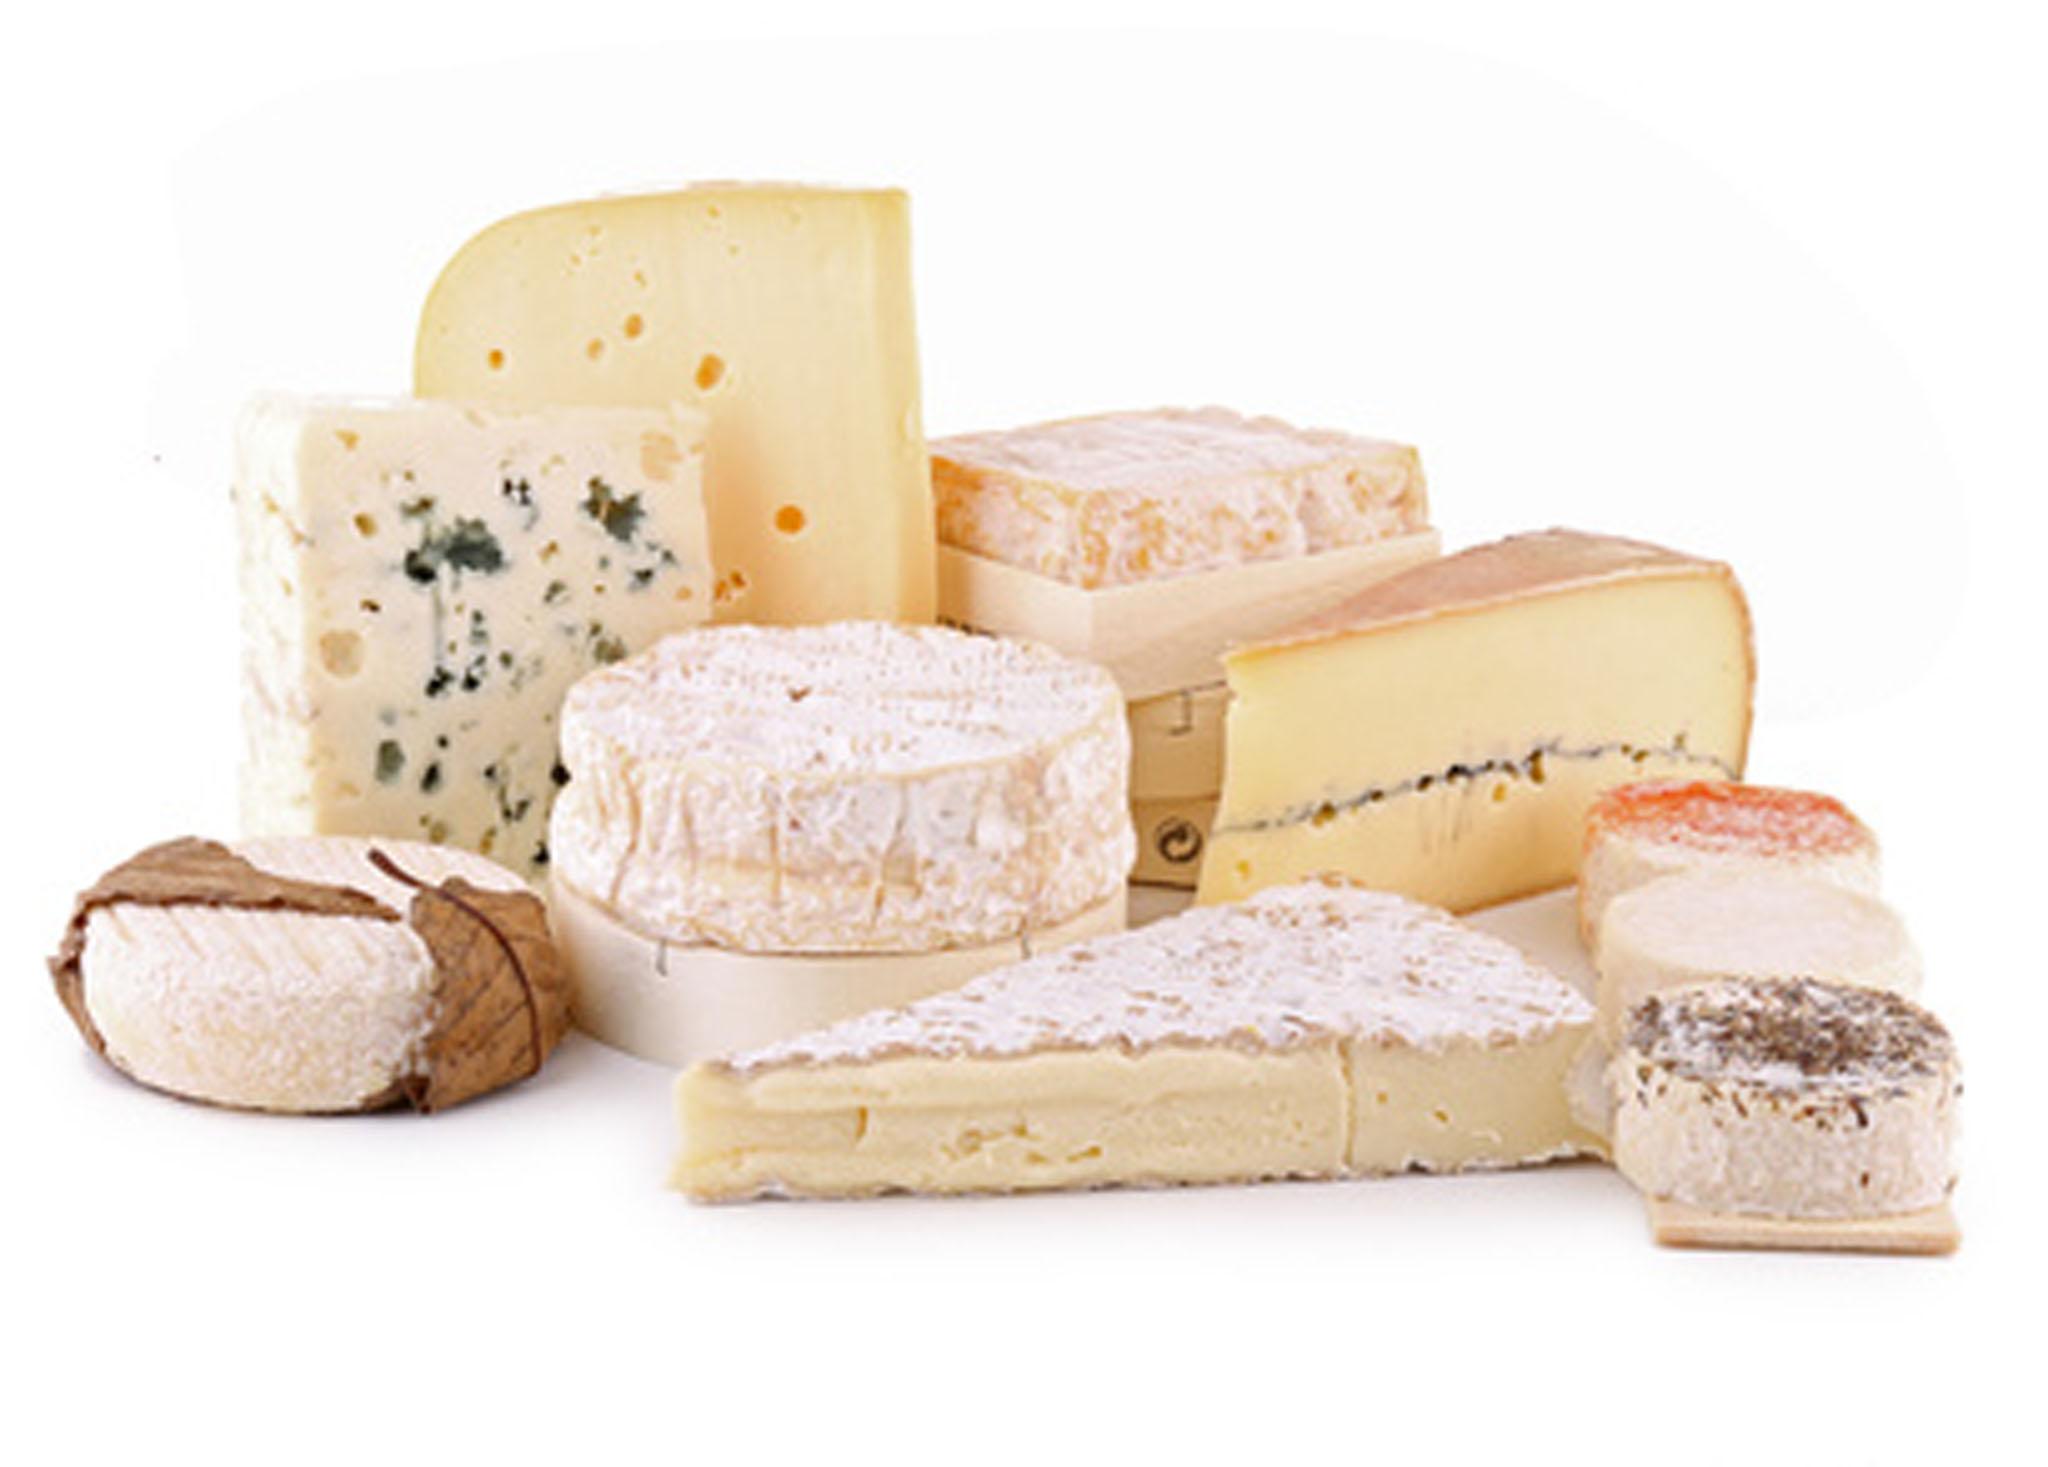 Plateau de fromages pour 12 15 personnes boutique erisay traiteur - Quantite de fromage par personne ...